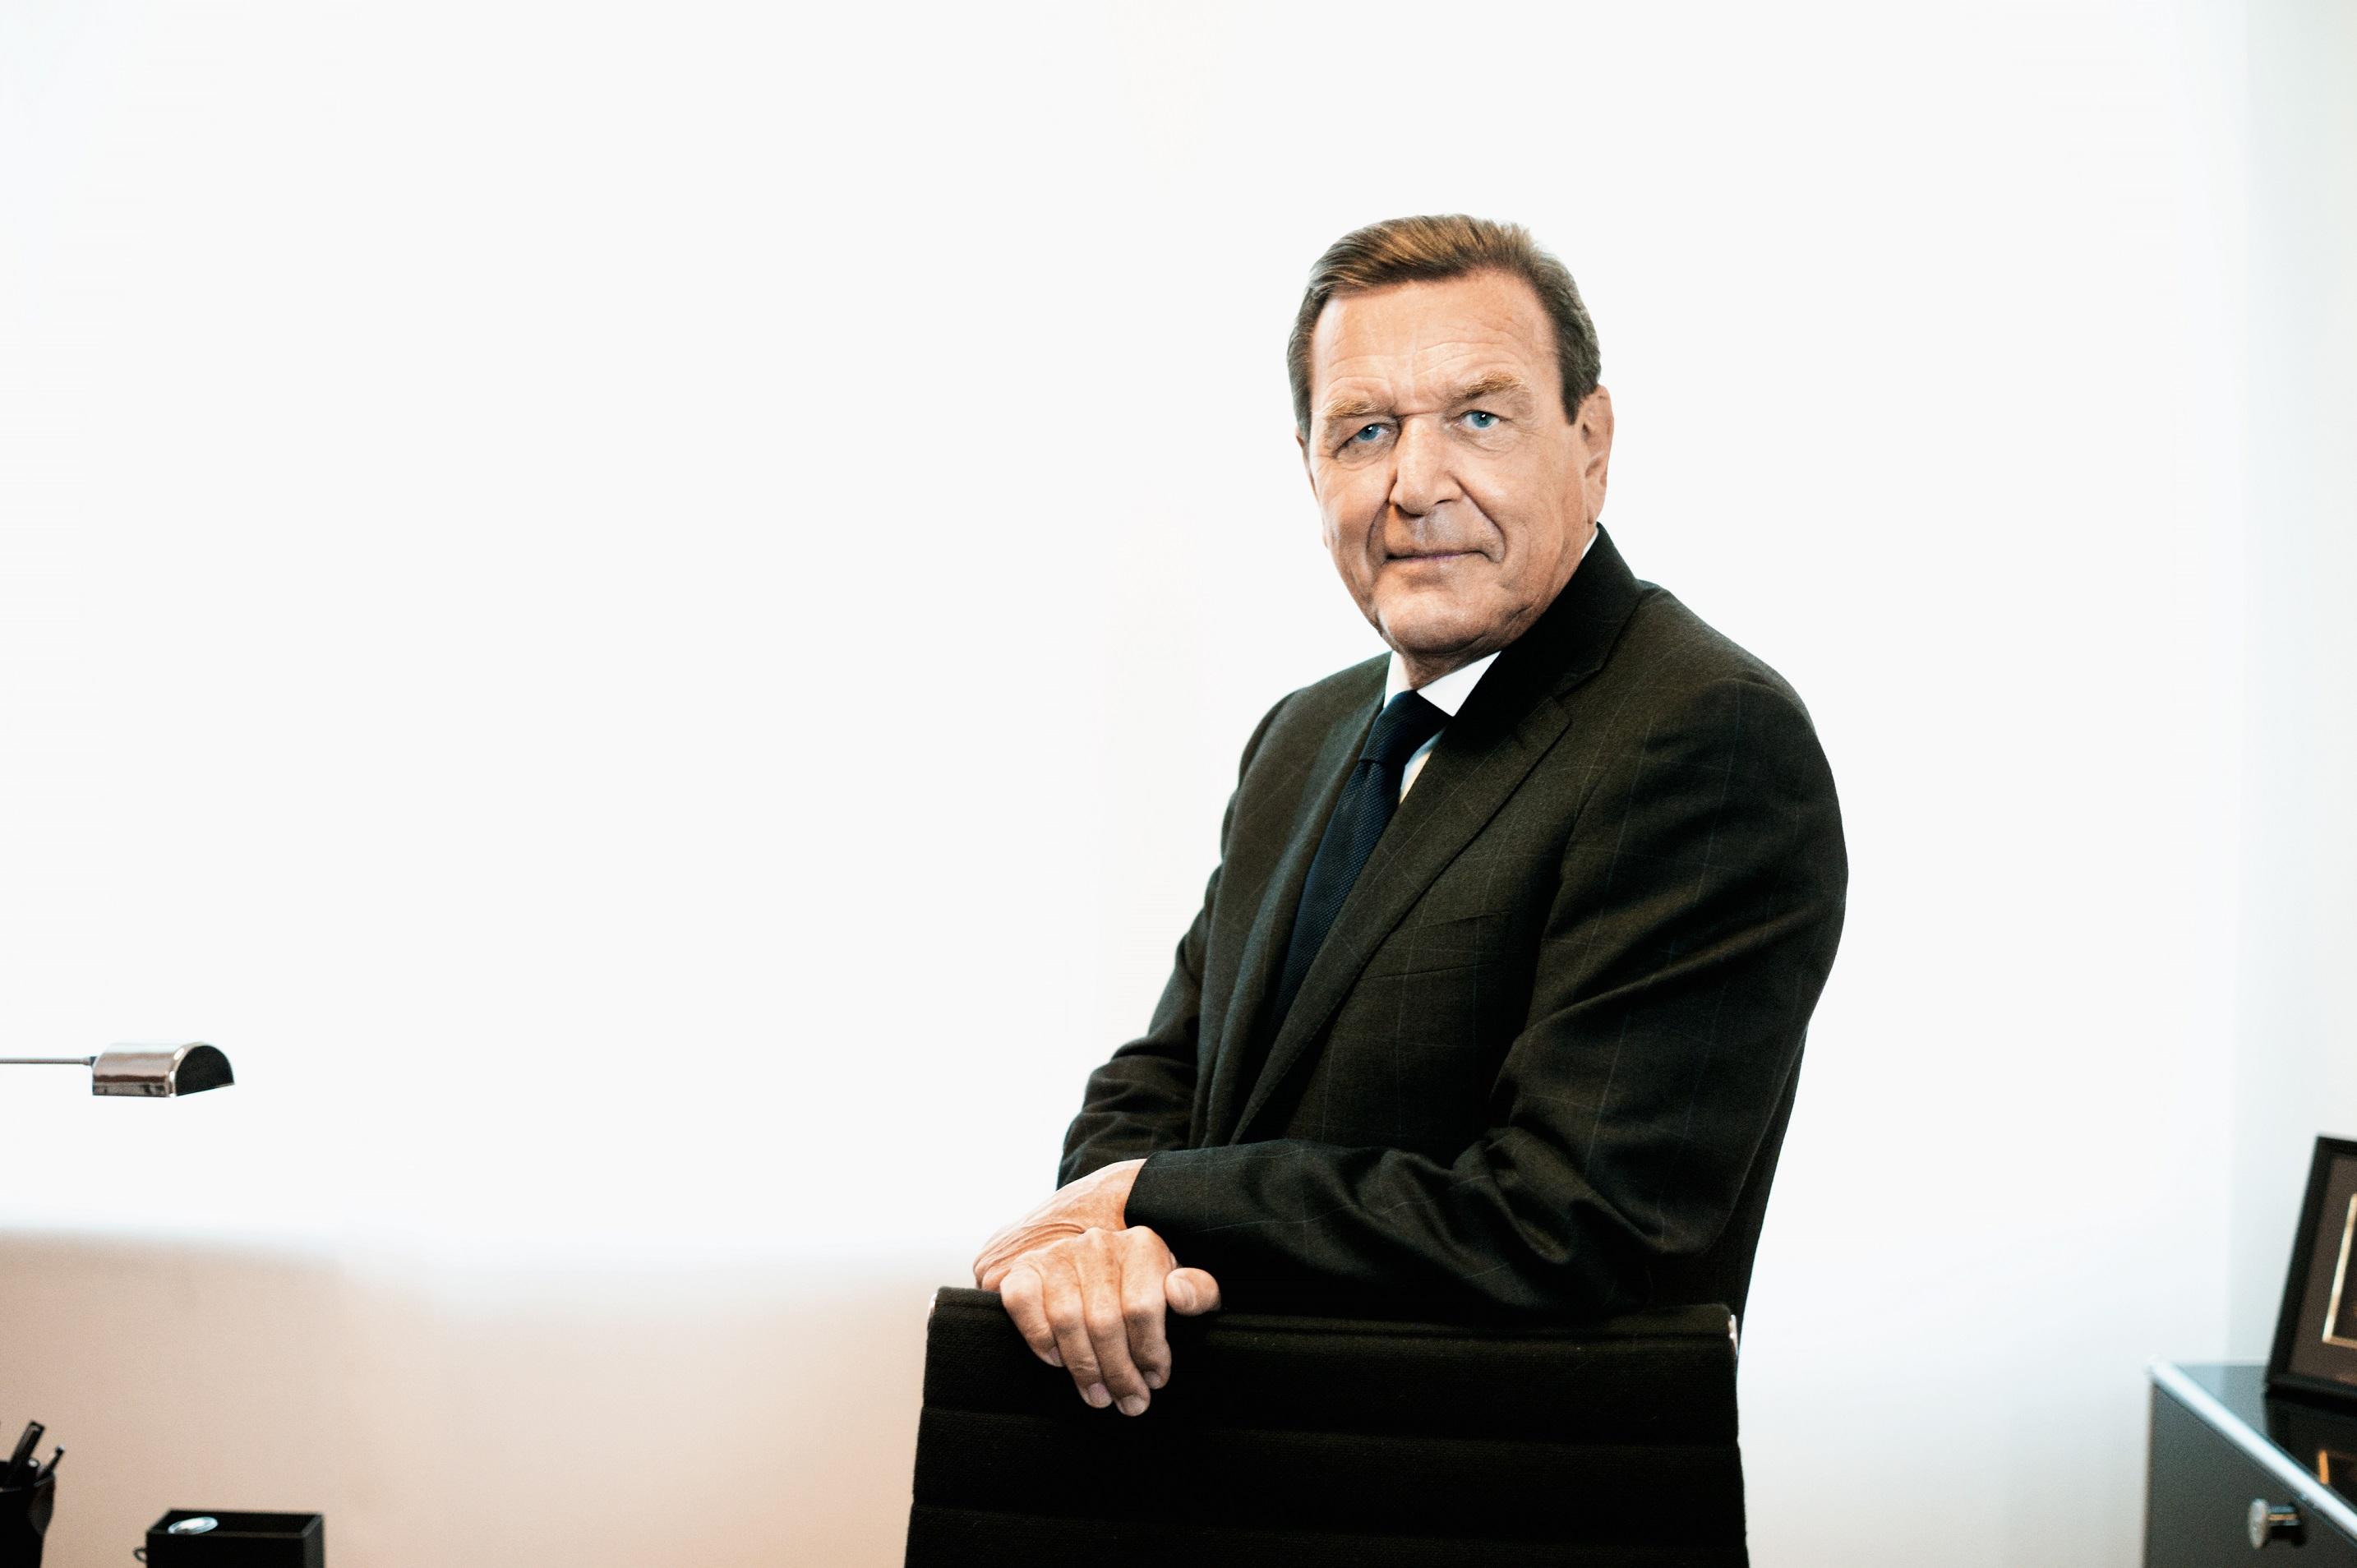 Lemo Biografie Gerhard Schroder 15